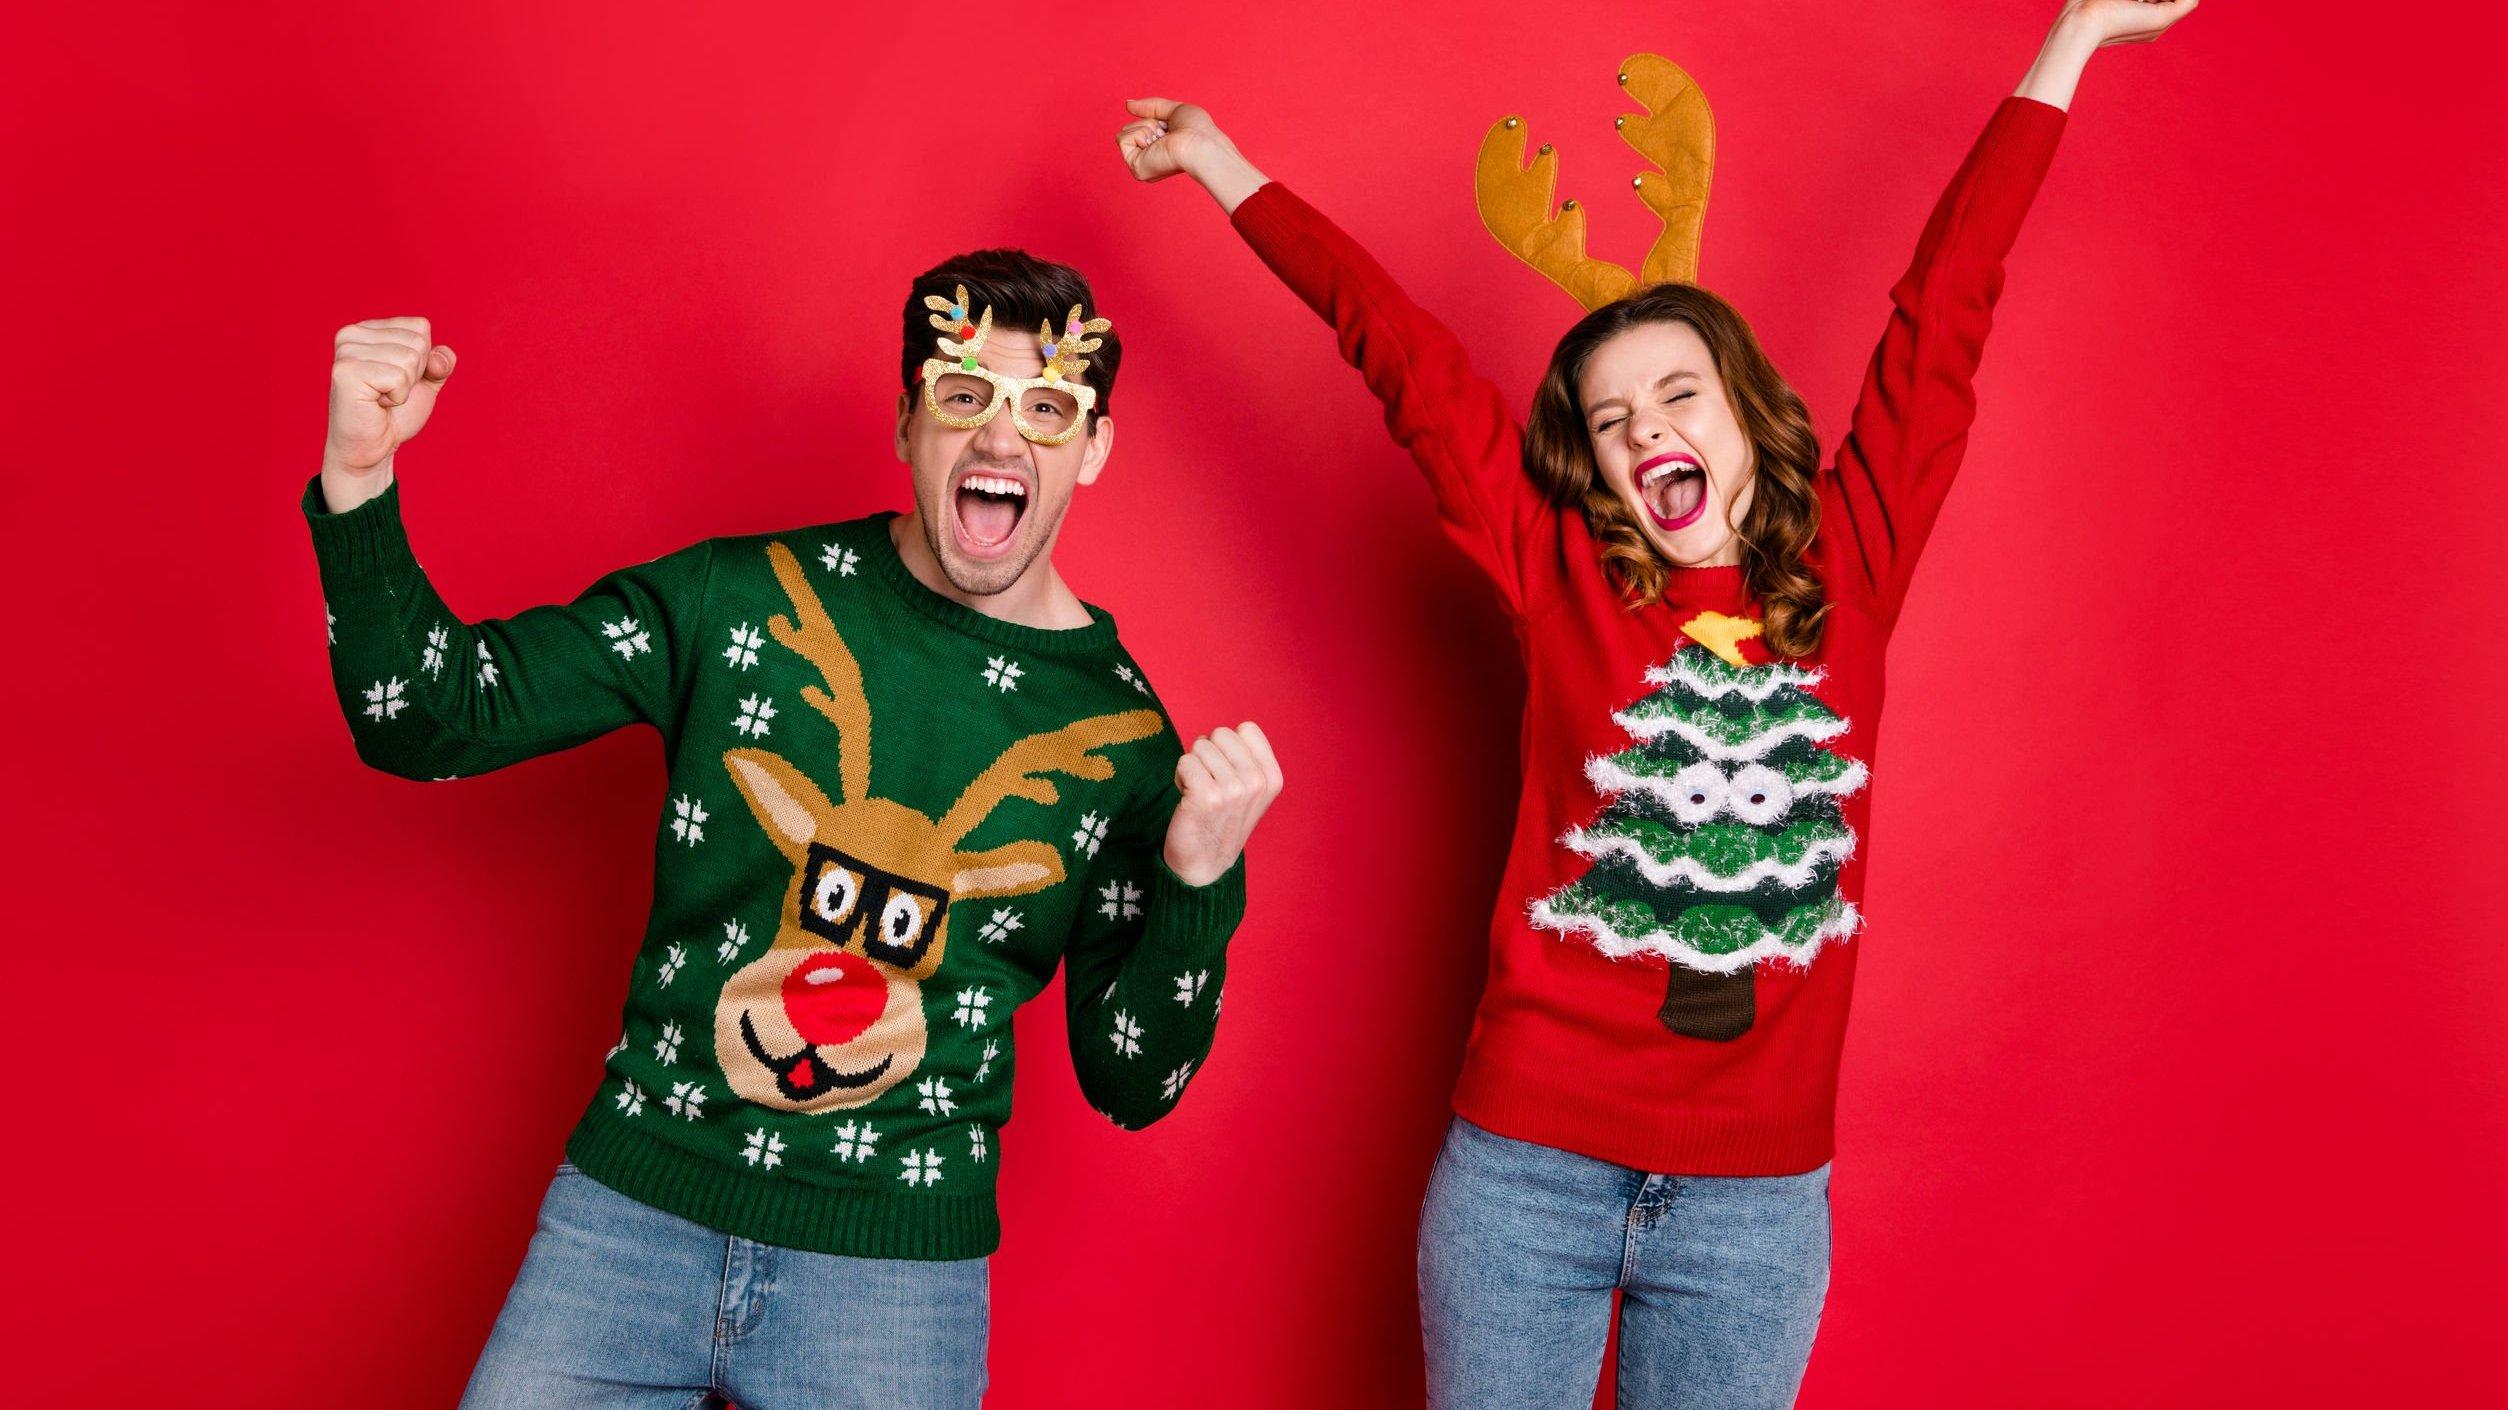 Homem e mulher vestidos com roupas de Natal, comemorando.